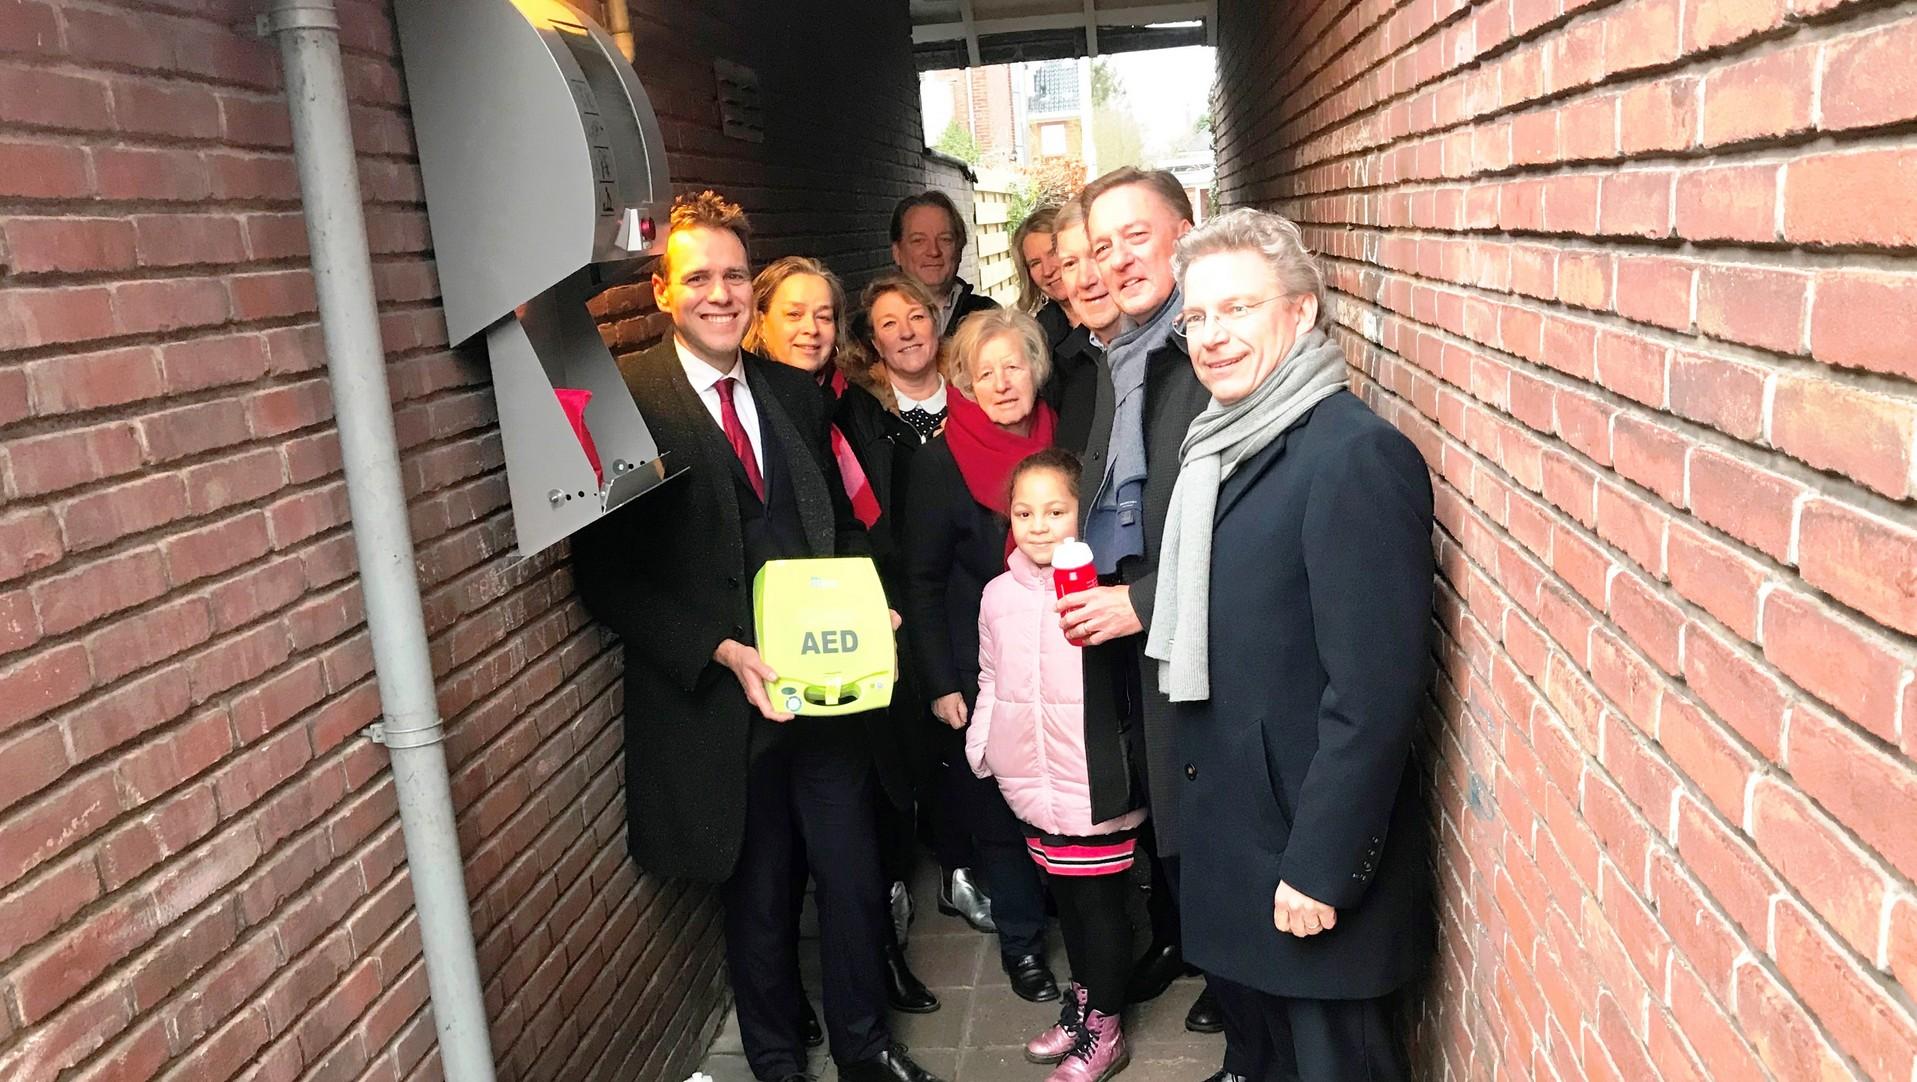 Amstelveen biedt subsidie aan voor aanschaf AED en buitenkast - RTV Amstelveen